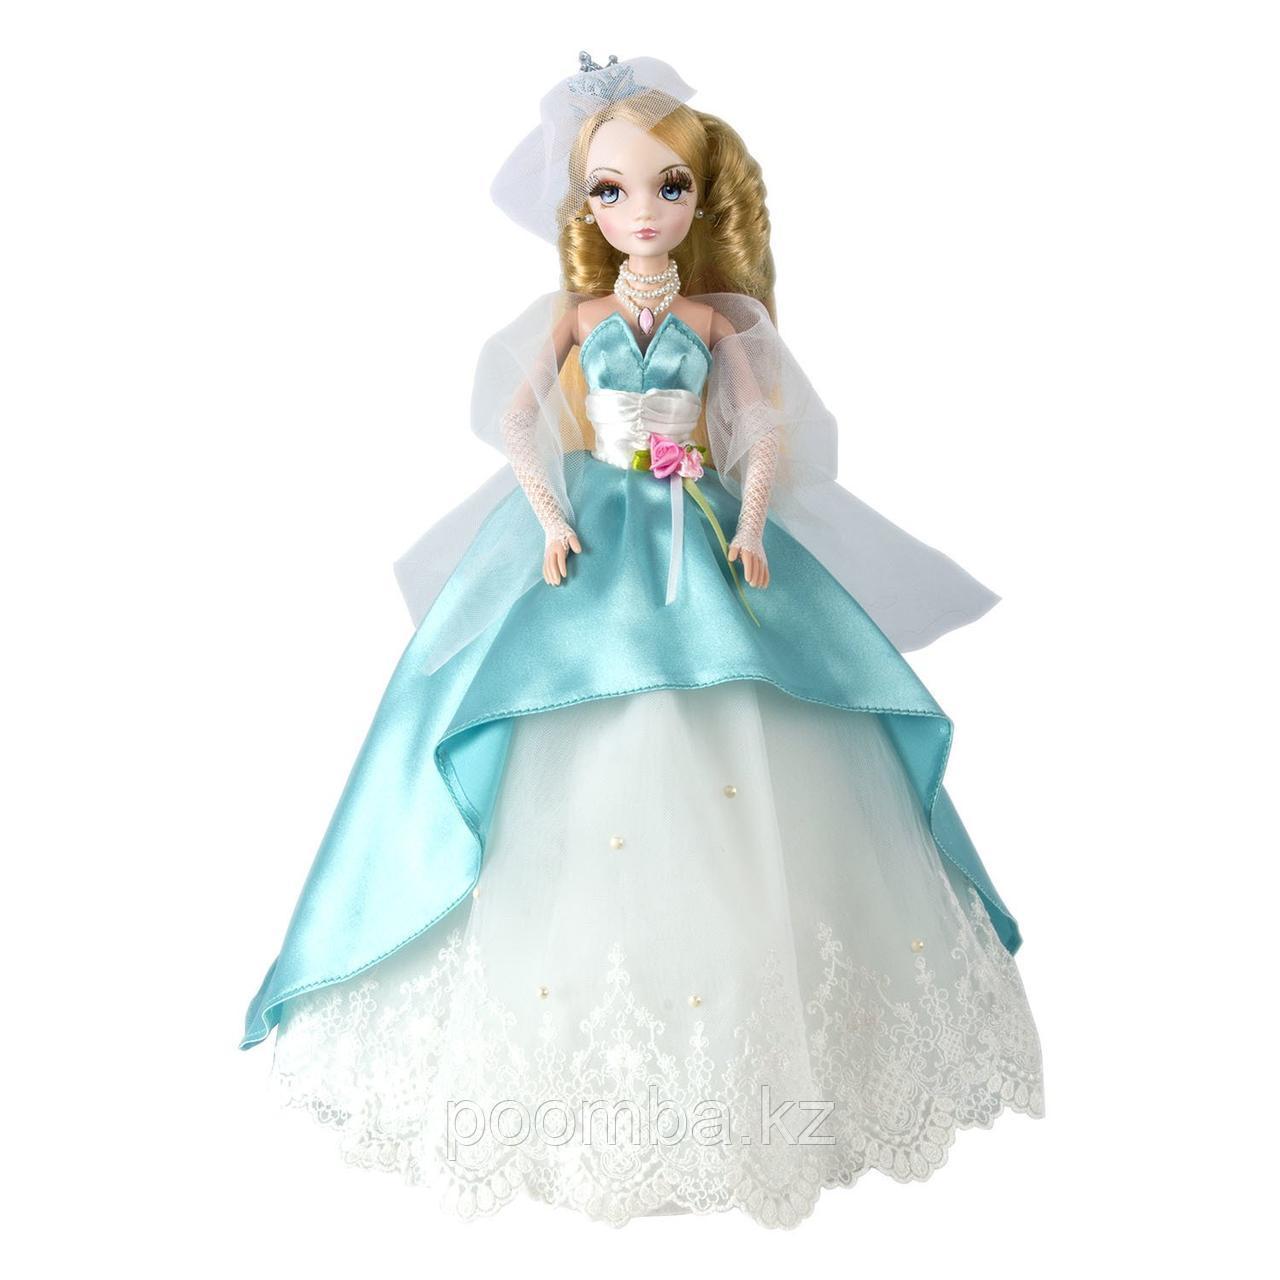 Кукла невеста Sonya Rose Лилия